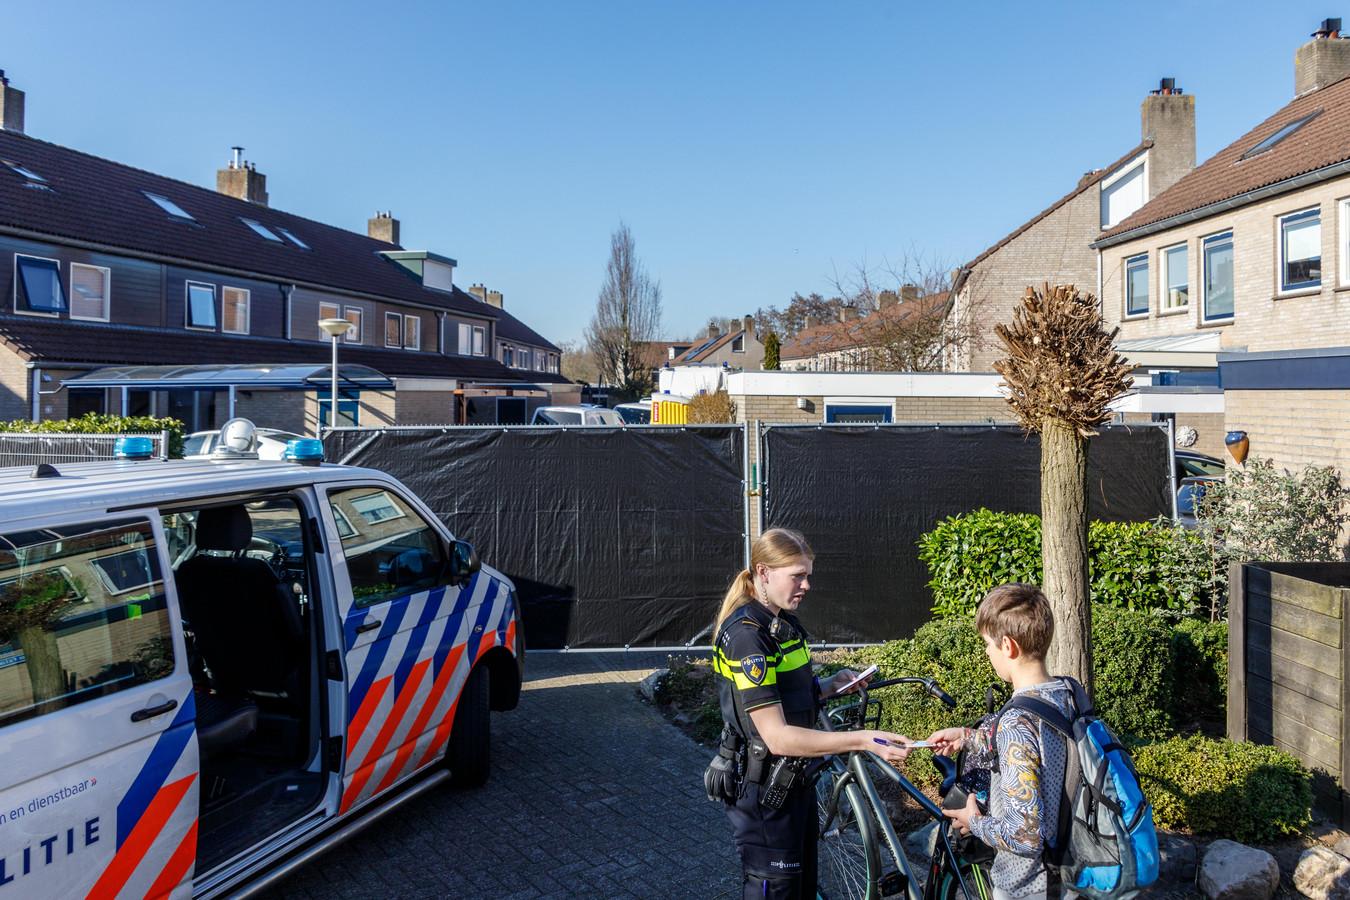 De Hanselaarmate in Zwolle-Zuid was op de dag van de granatenaanslag hermetisch afgesloten voor politie-onderzoek. Dat werd de maanden erna opgetuigd met camerabewaking in de buurt. Nu het onderzoek is gestaakt, zijn de camera's ook verwijderd.